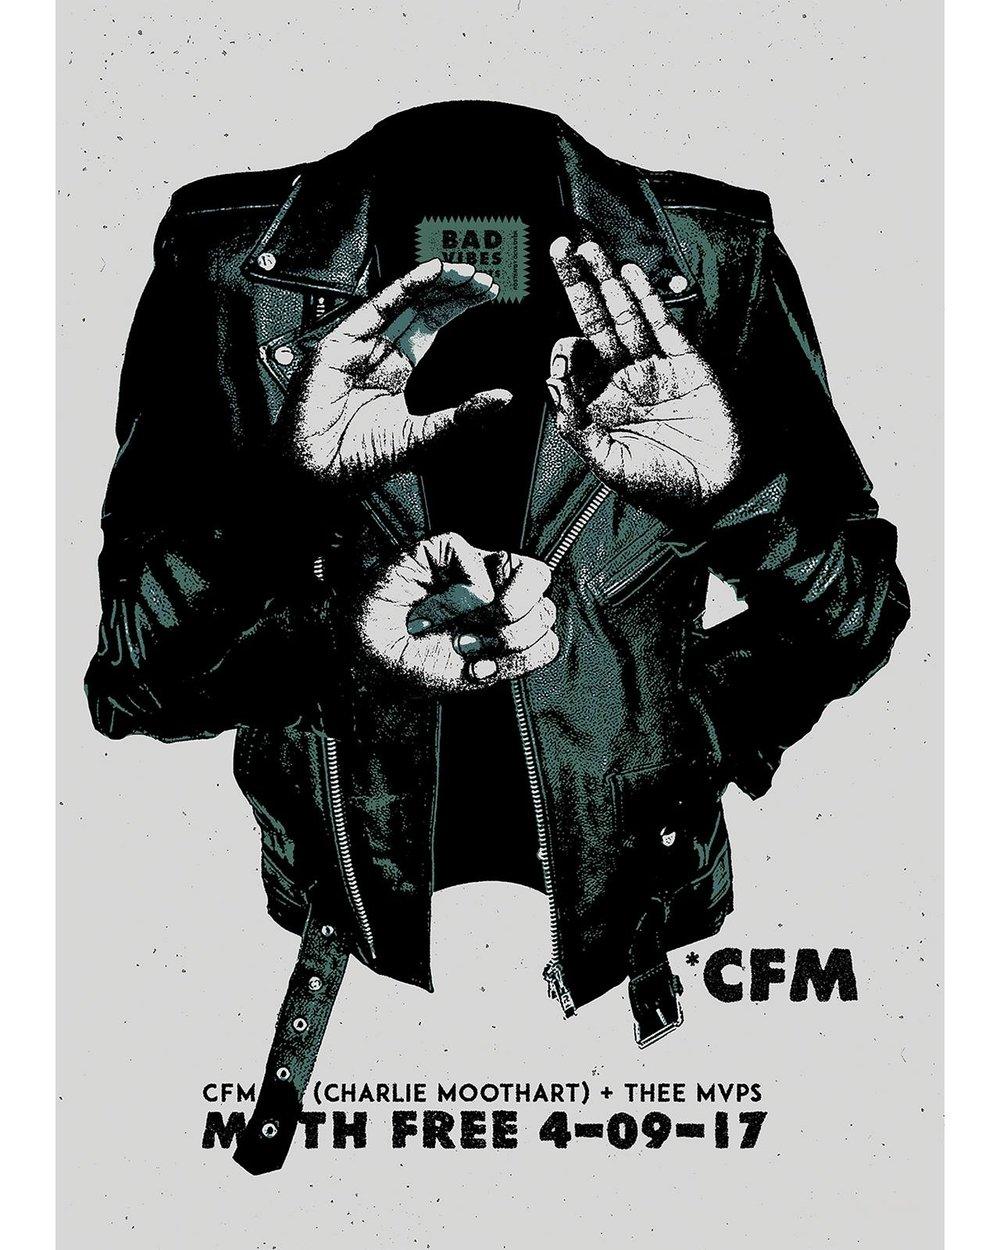 CFMPoster.jpg